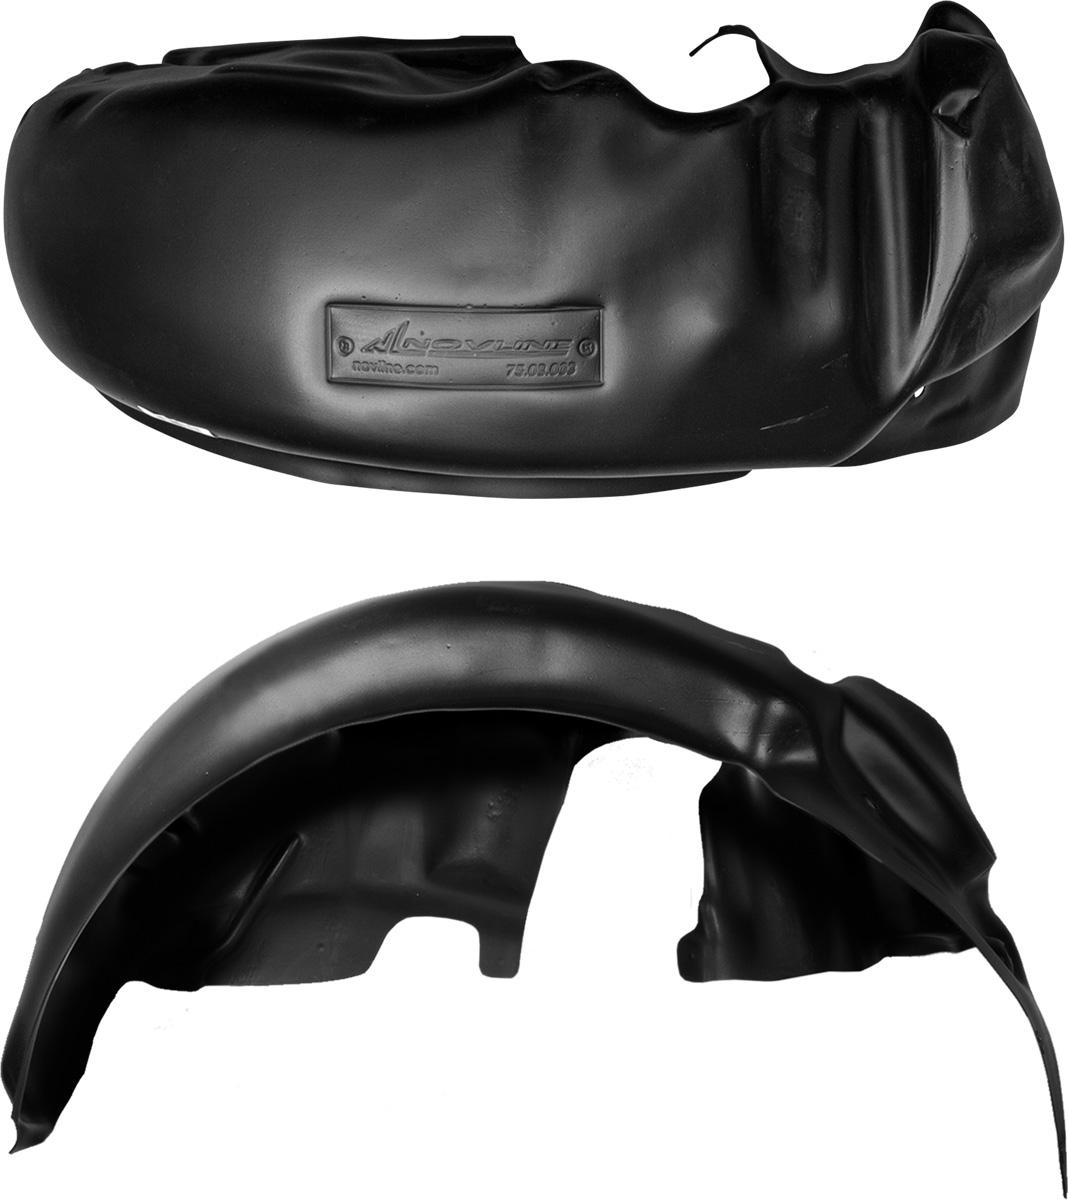 Подкрылок Novline-Autofamily, для Renault Sandero Stepway, 2010-2014, задний правый1004900000360Колесные ниши - одни из самых уязвимых зон днища вашего автомобиля. Они постоянно подвергаются воздействию со стороны дороги. Лучшая, почти абсолютная защита для них - специально отформованные пластиковые кожухи, которые называются подкрылками. Производятся они как для отечественных моделей автомобилей, так и для иномарок. Подкрылки Novline-Autofamily выполнены из высококачественного, экологически чистого пластика. Обеспечивают надежную защиту кузова автомобиля от пескоструйного эффекта и негативного влияния, агрессивных антигололедных реагентов. Пластик обладает более низкой теплопроводностью, чем металл, поэтому в зимний период эксплуатации использование пластиковых подкрылков позволяет лучше защитить колесные ниши от налипания снега и образования наледи. Оригинальность конструкции подчеркивает элегантность автомобиля, бережно защищает нанесенное на днище кузова антикоррозийное покрытие и позволяет осуществить крепление подкрылков внутри колесной арки практически без дополнительного крепежа и сверления, не нарушая при этом лакокрасочного покрытия, что предотвращает возникновение новых очагов коррозии. Подкрылки долговечны, обладают высокой прочностью и сохраняют заданную форму, а также все свои физико-механические характеристики в самых тяжелых климатических условиях (от -50°С до +50°С).Уважаемые клиенты!Обращаем ваше внимание, на тот факт, что подкрылок имеет форму, соответствующую модели данного автомобиля. Фото служит для визуального восприятия товара.